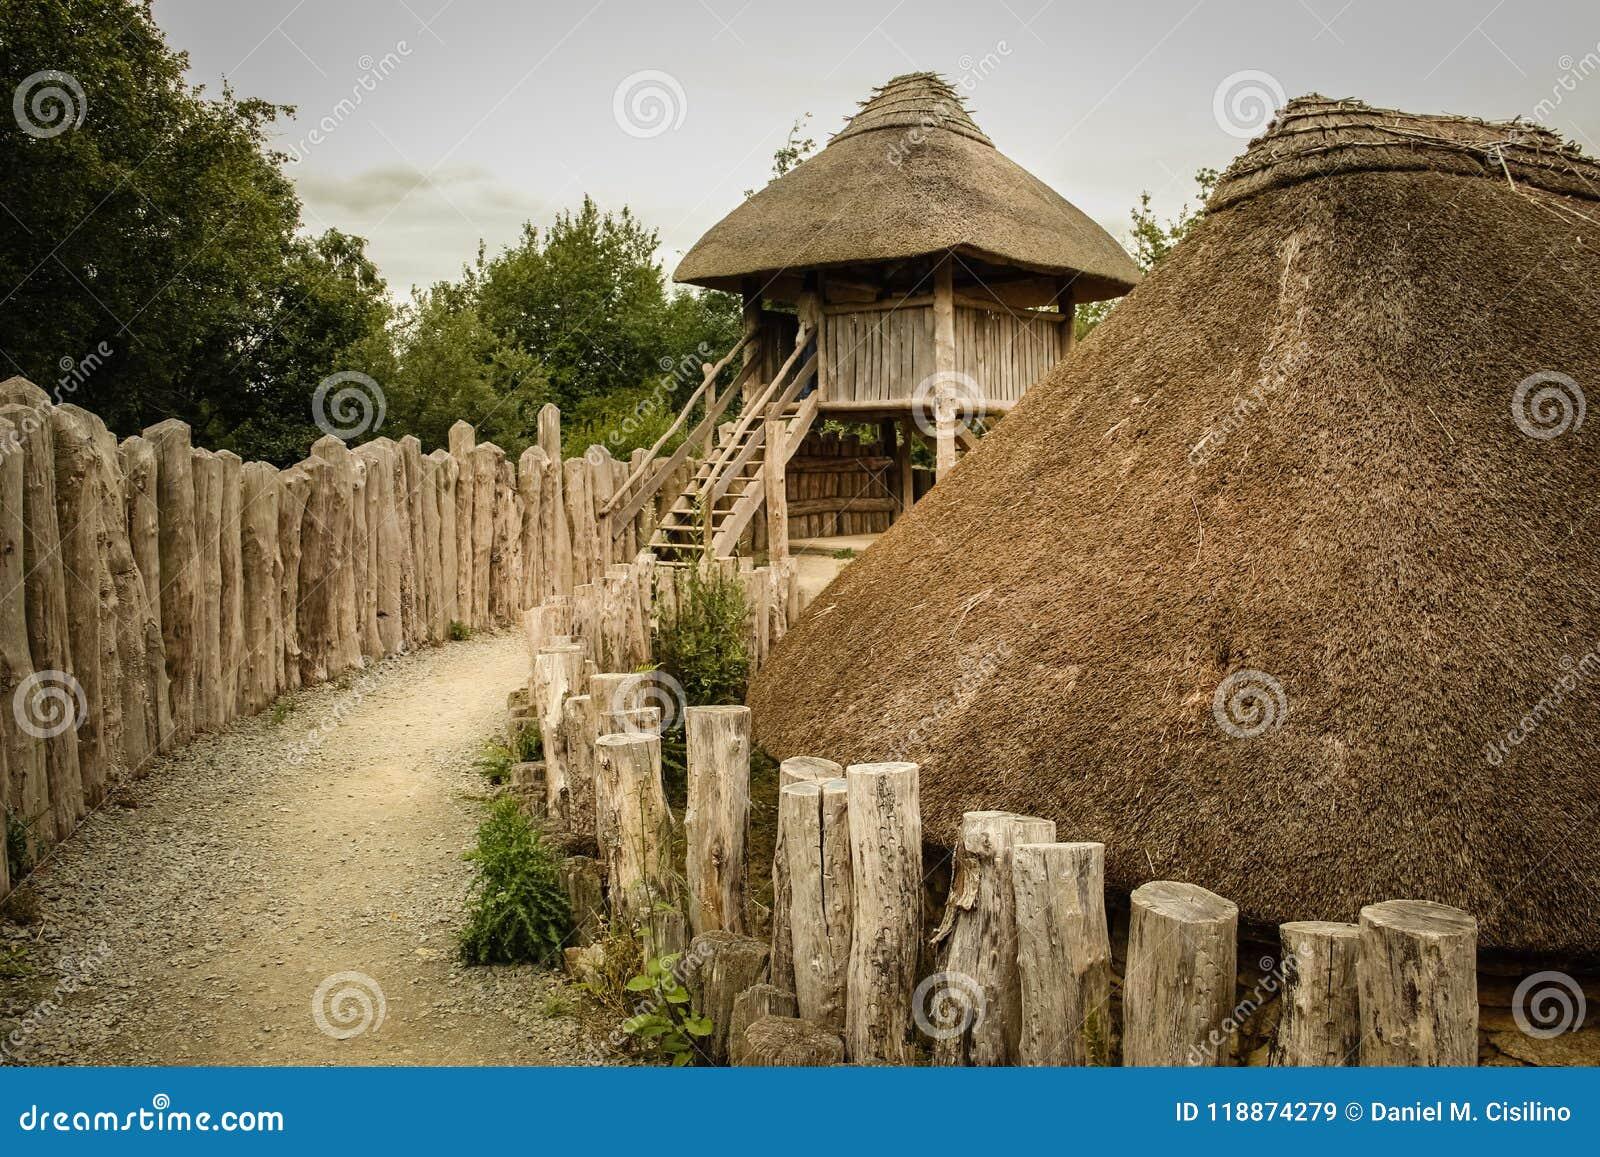 Irish National Heritage Park   Wexford  Ireland Stock Image